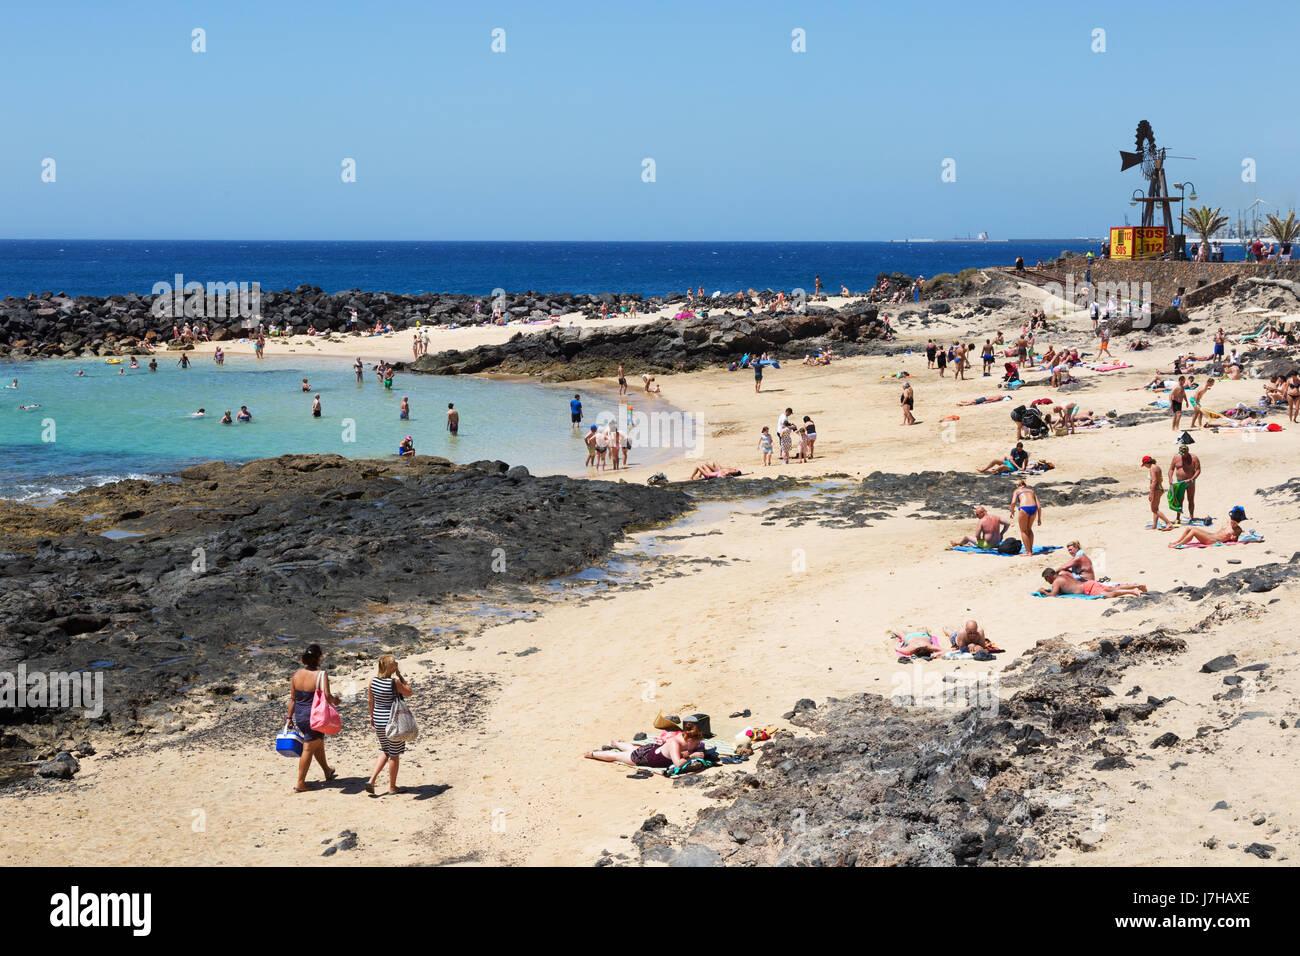 Lanzarote beach - Costa Teguise, Lanzarote, Kanarische Inseln, EuropaStockfoto